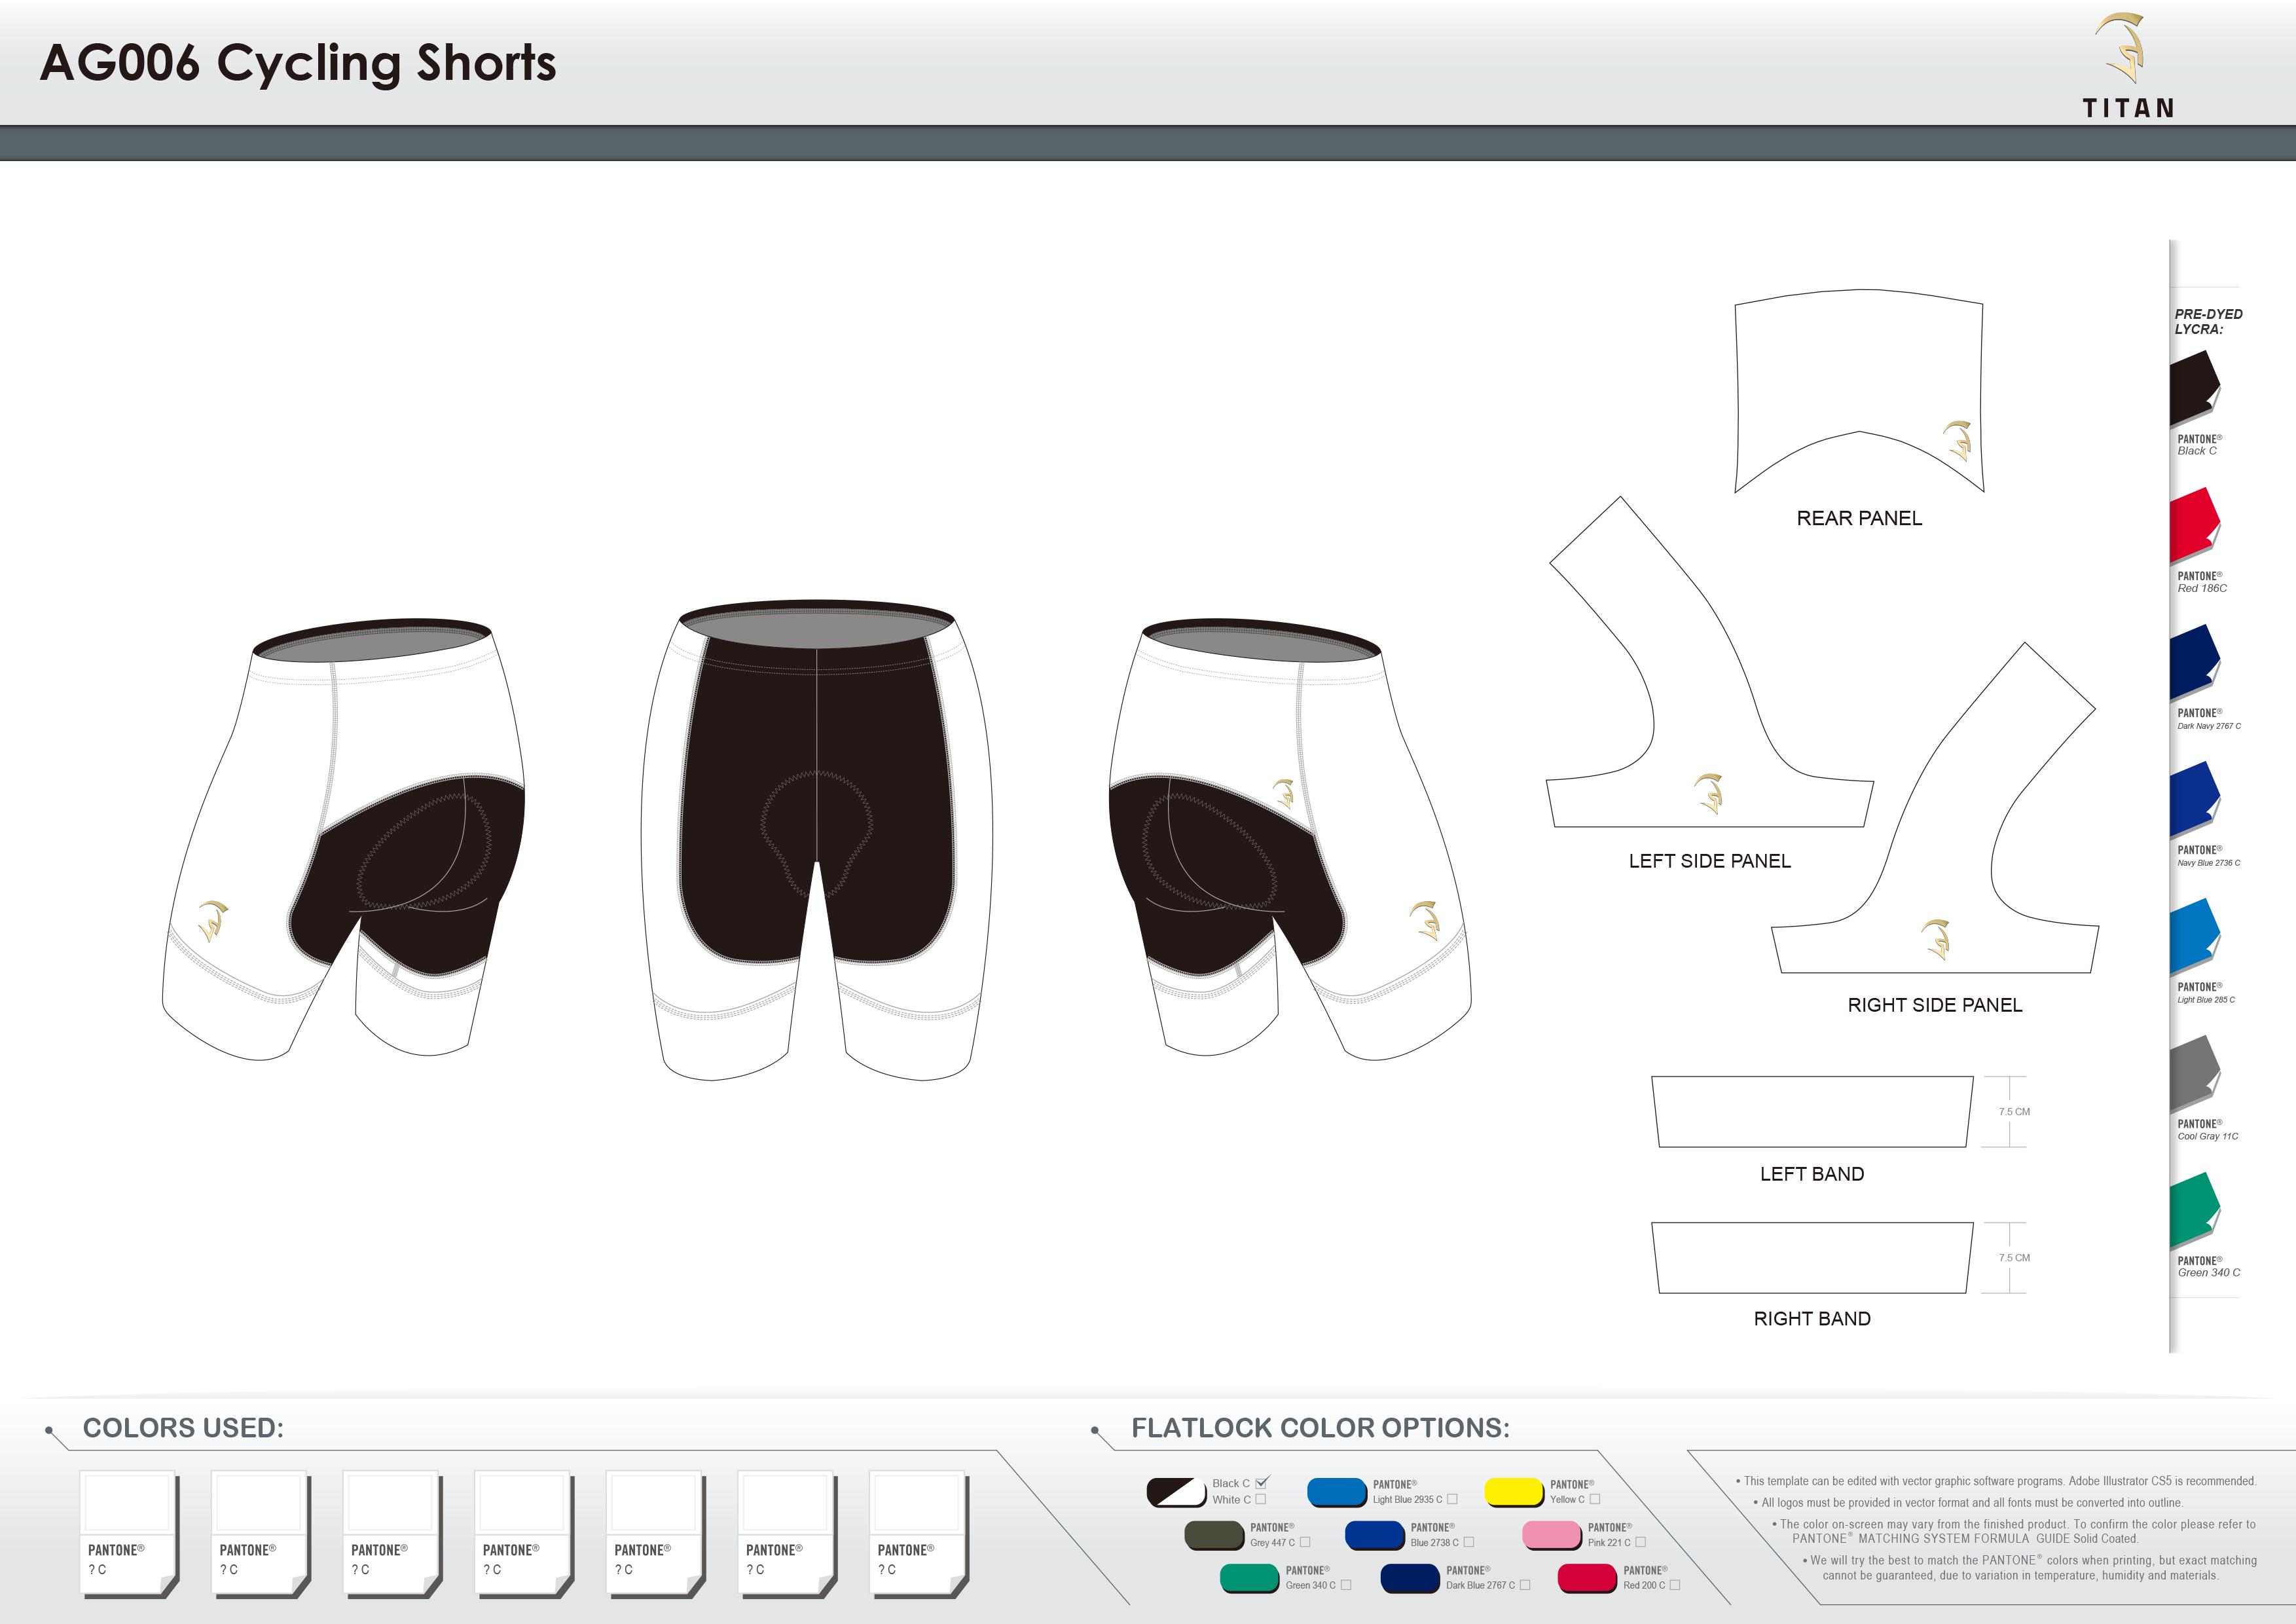 AG006 Cycling Shorts